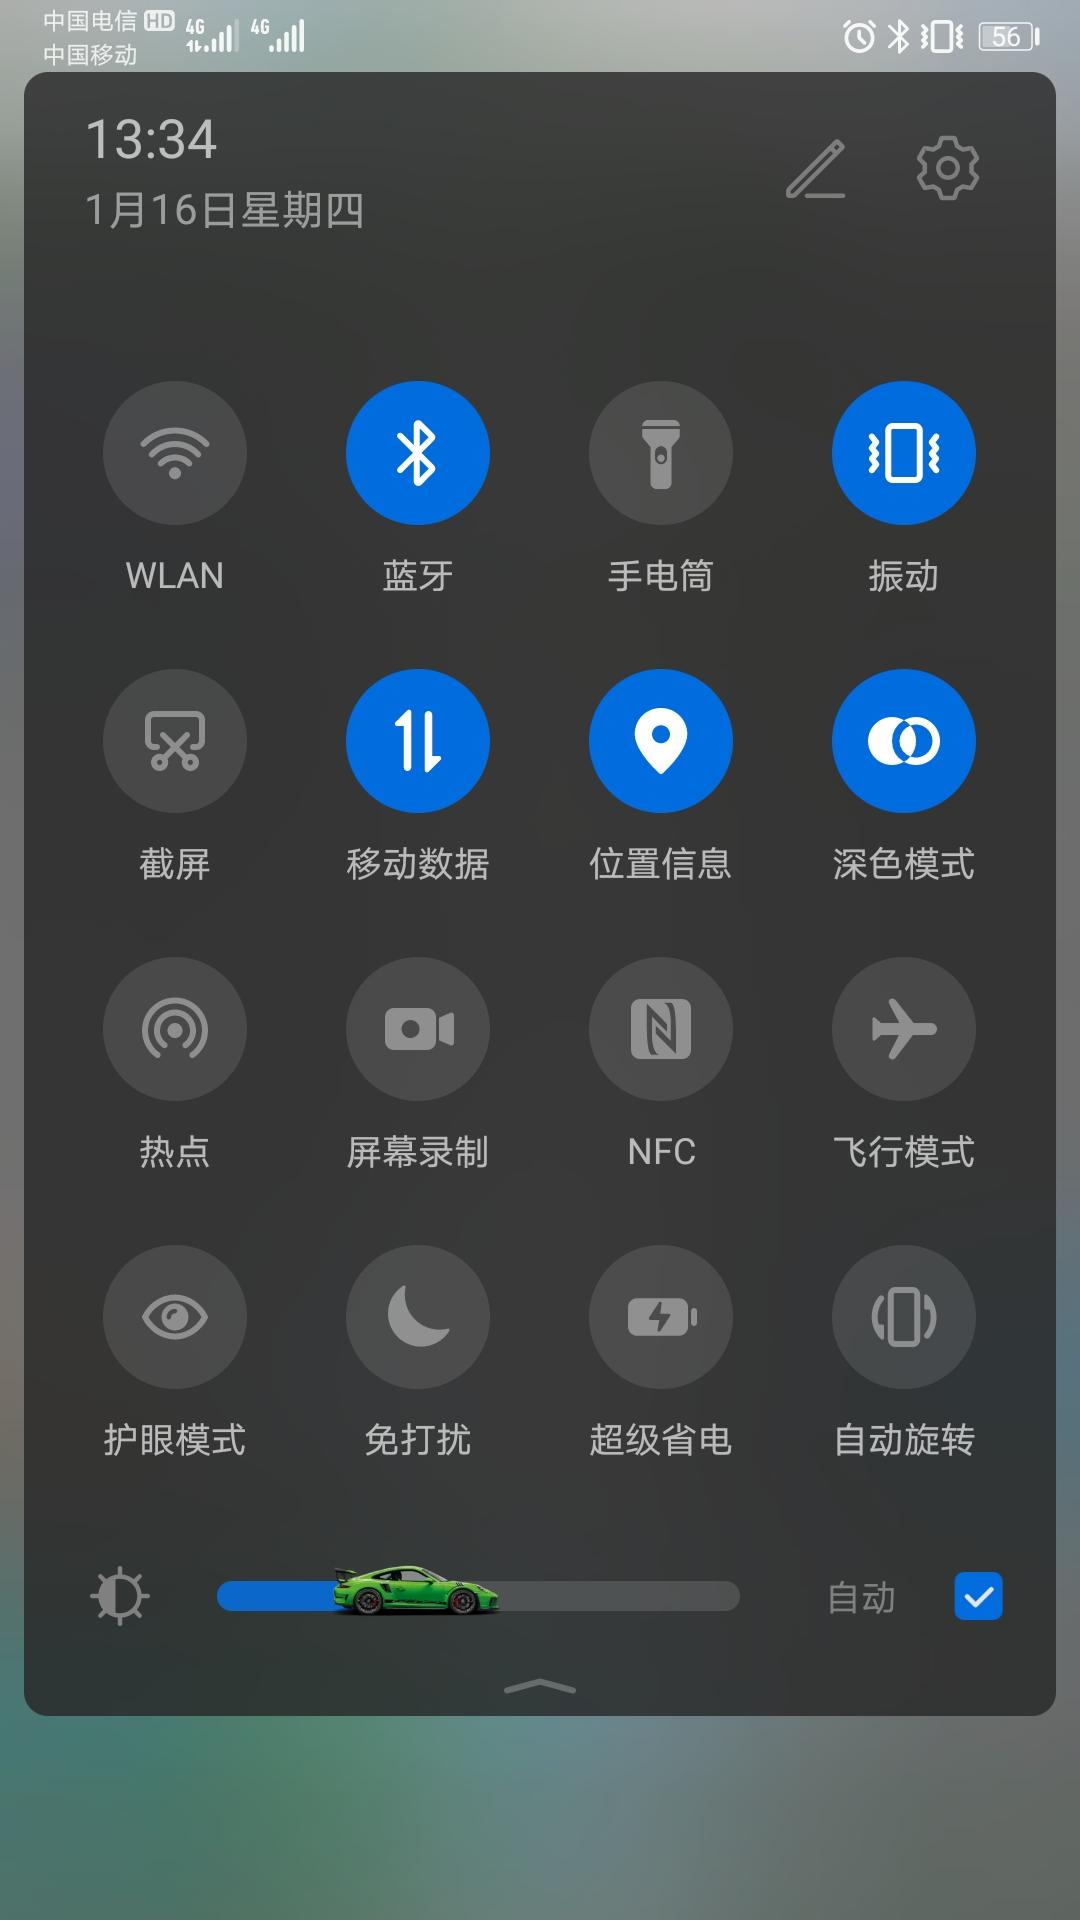 Screenshot_20200116_133434_com.huawei.android.launcher.jpg